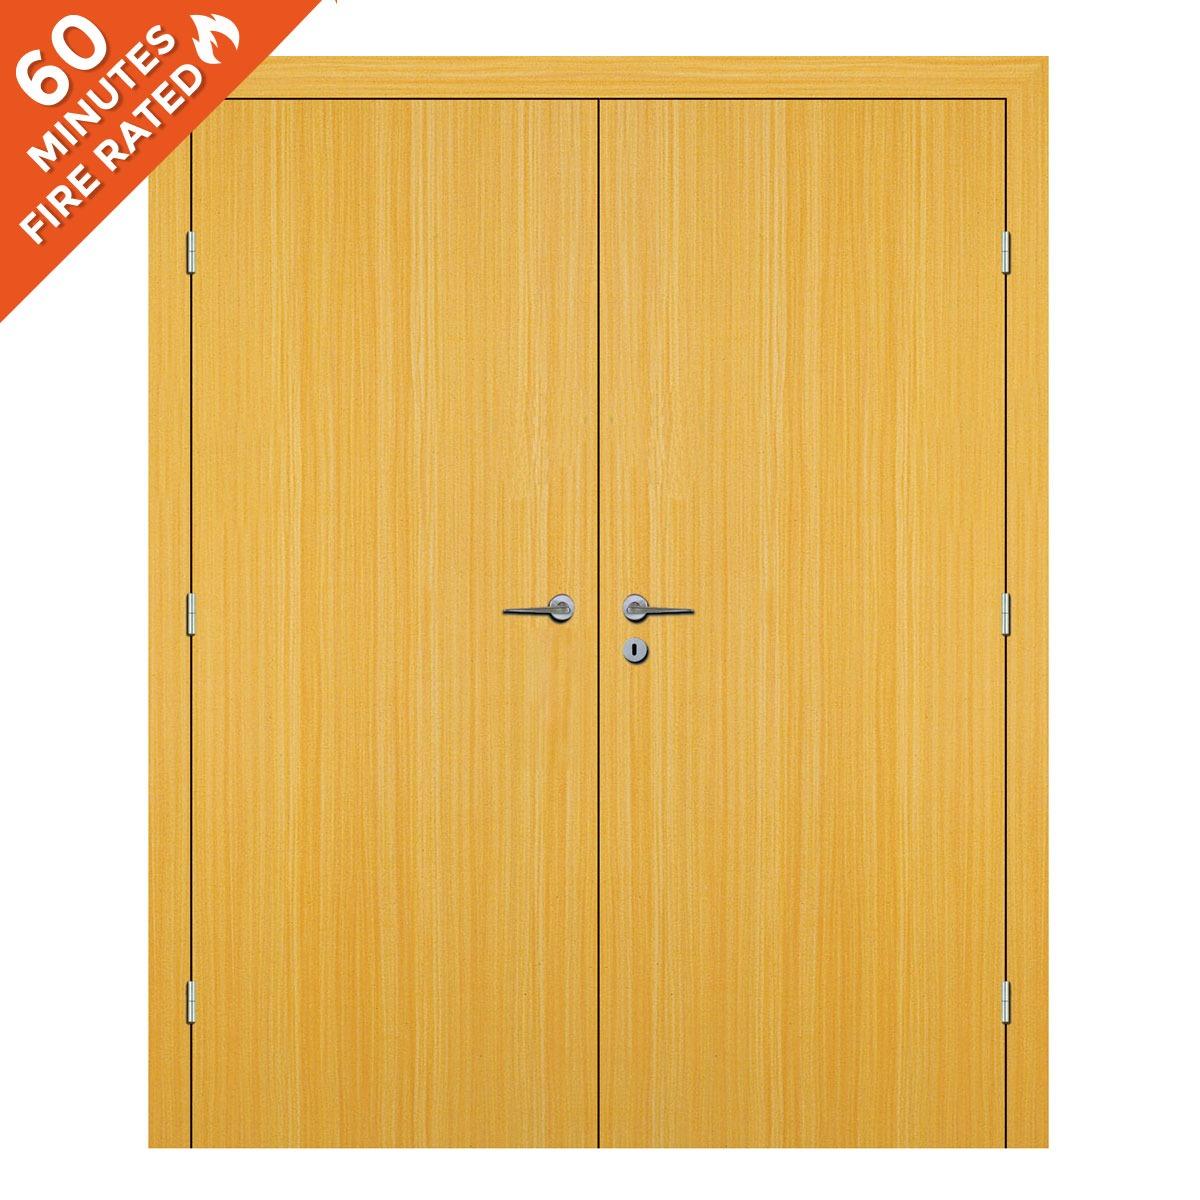 Koto Double Door FD60